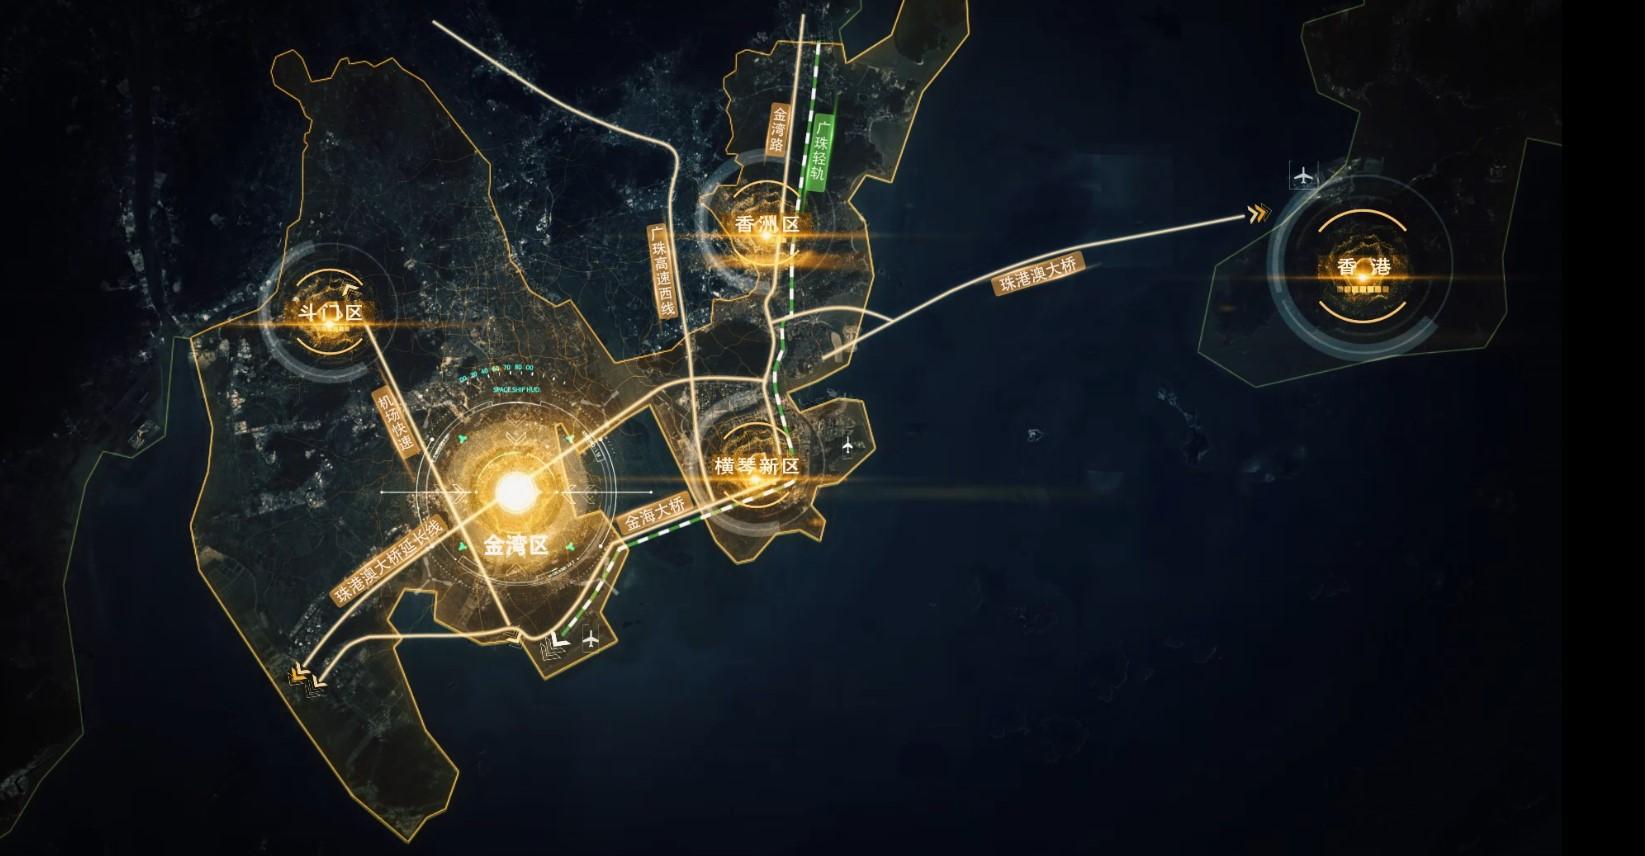 广东珠海粤港澳大湾区香港区位科技感地图